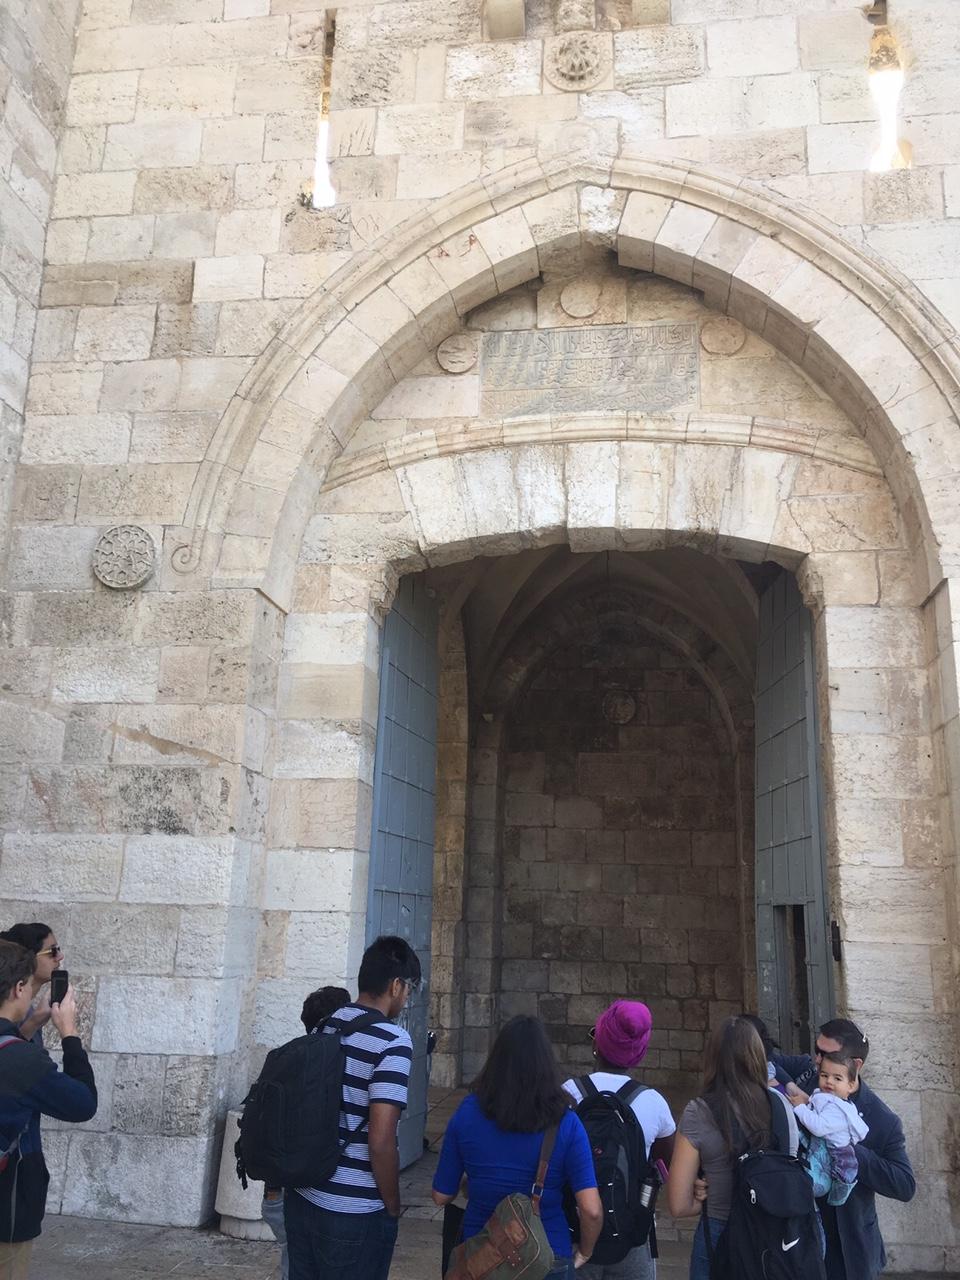 Jaffa gate to the old city of Jerusalem